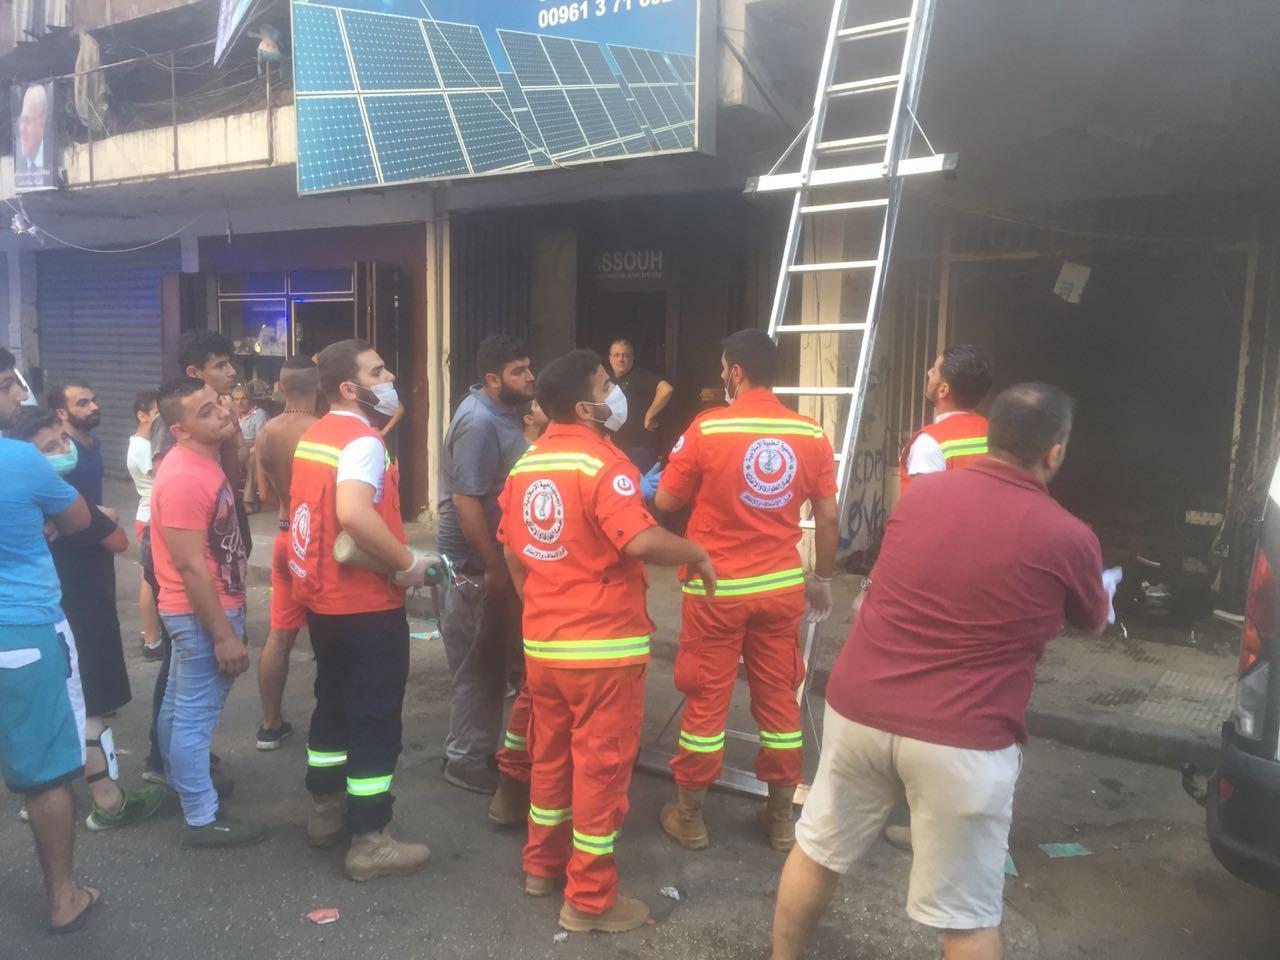 إحتراق منور إحدى البنايات في طرابلس تسبب بأكثر من 15 حالة اختناق